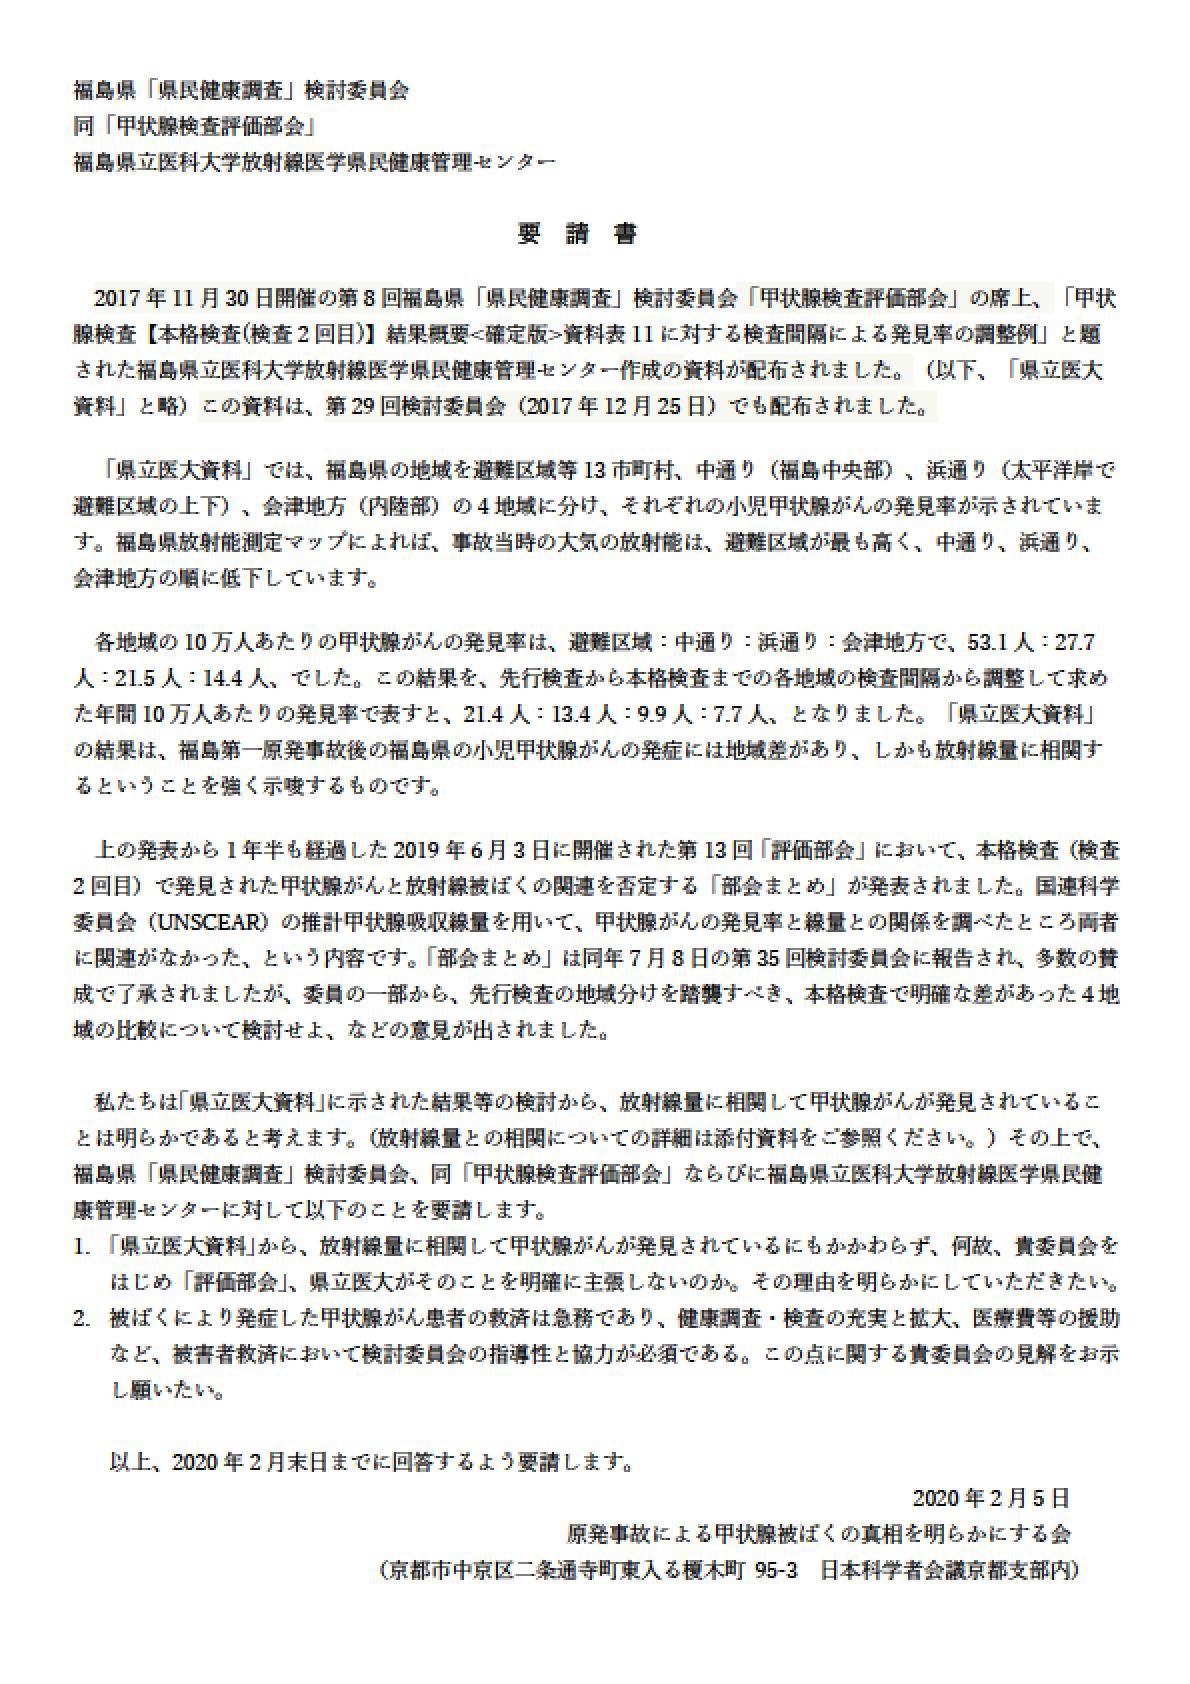 福島県の県民健康調査検討委員会、同 甲状腺検査評価部会、福島県立医科大学放射線医学県民健康管理センターに要請書を送りました!_a0395611_14522414.png